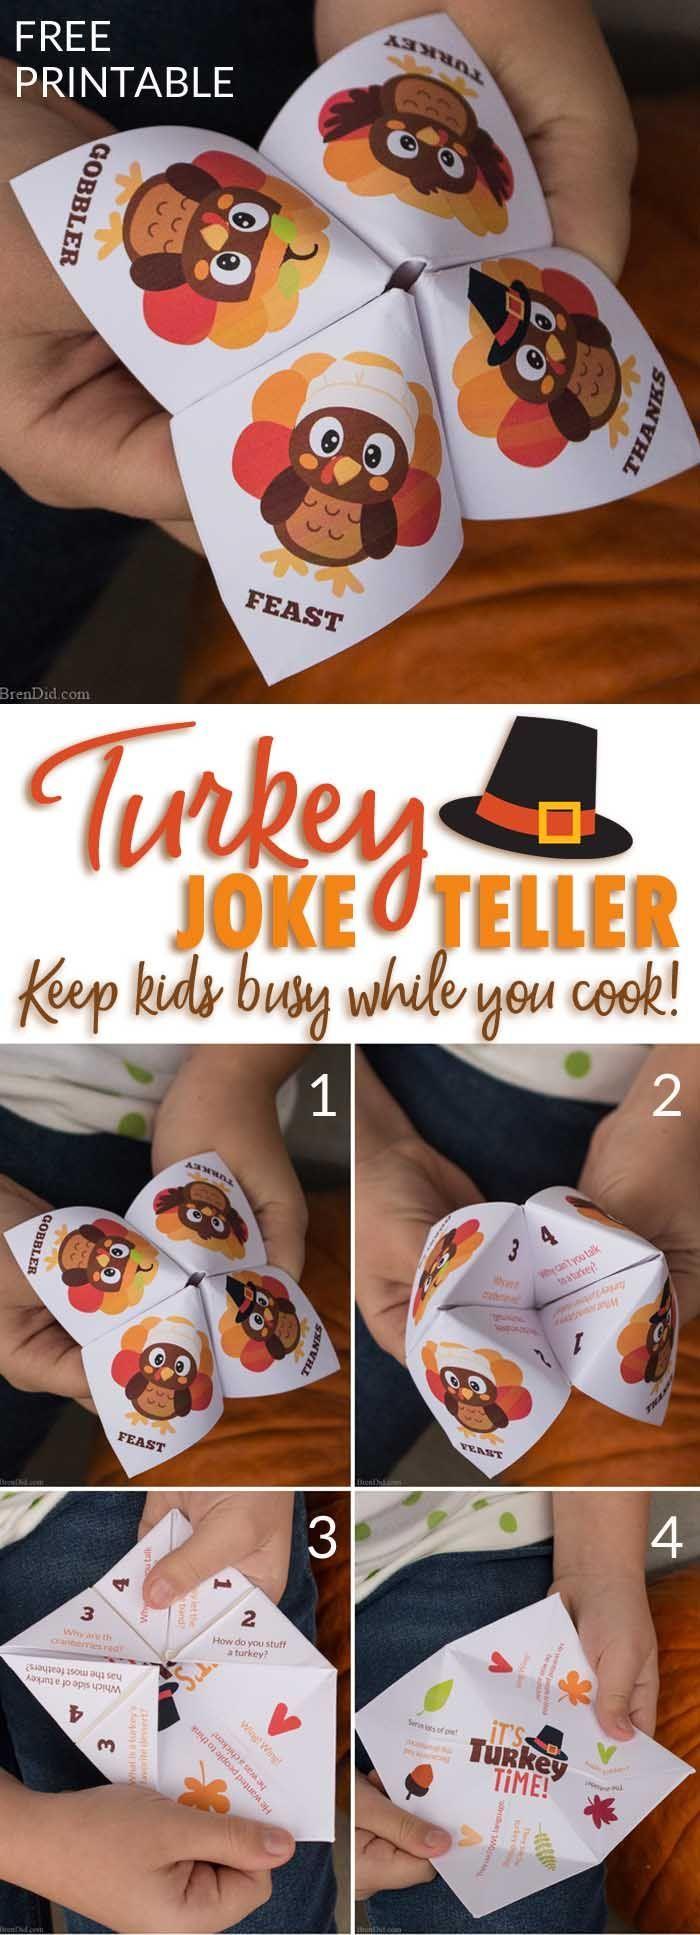 Easy Kids Activity Thanksgiving Joke Teller 98